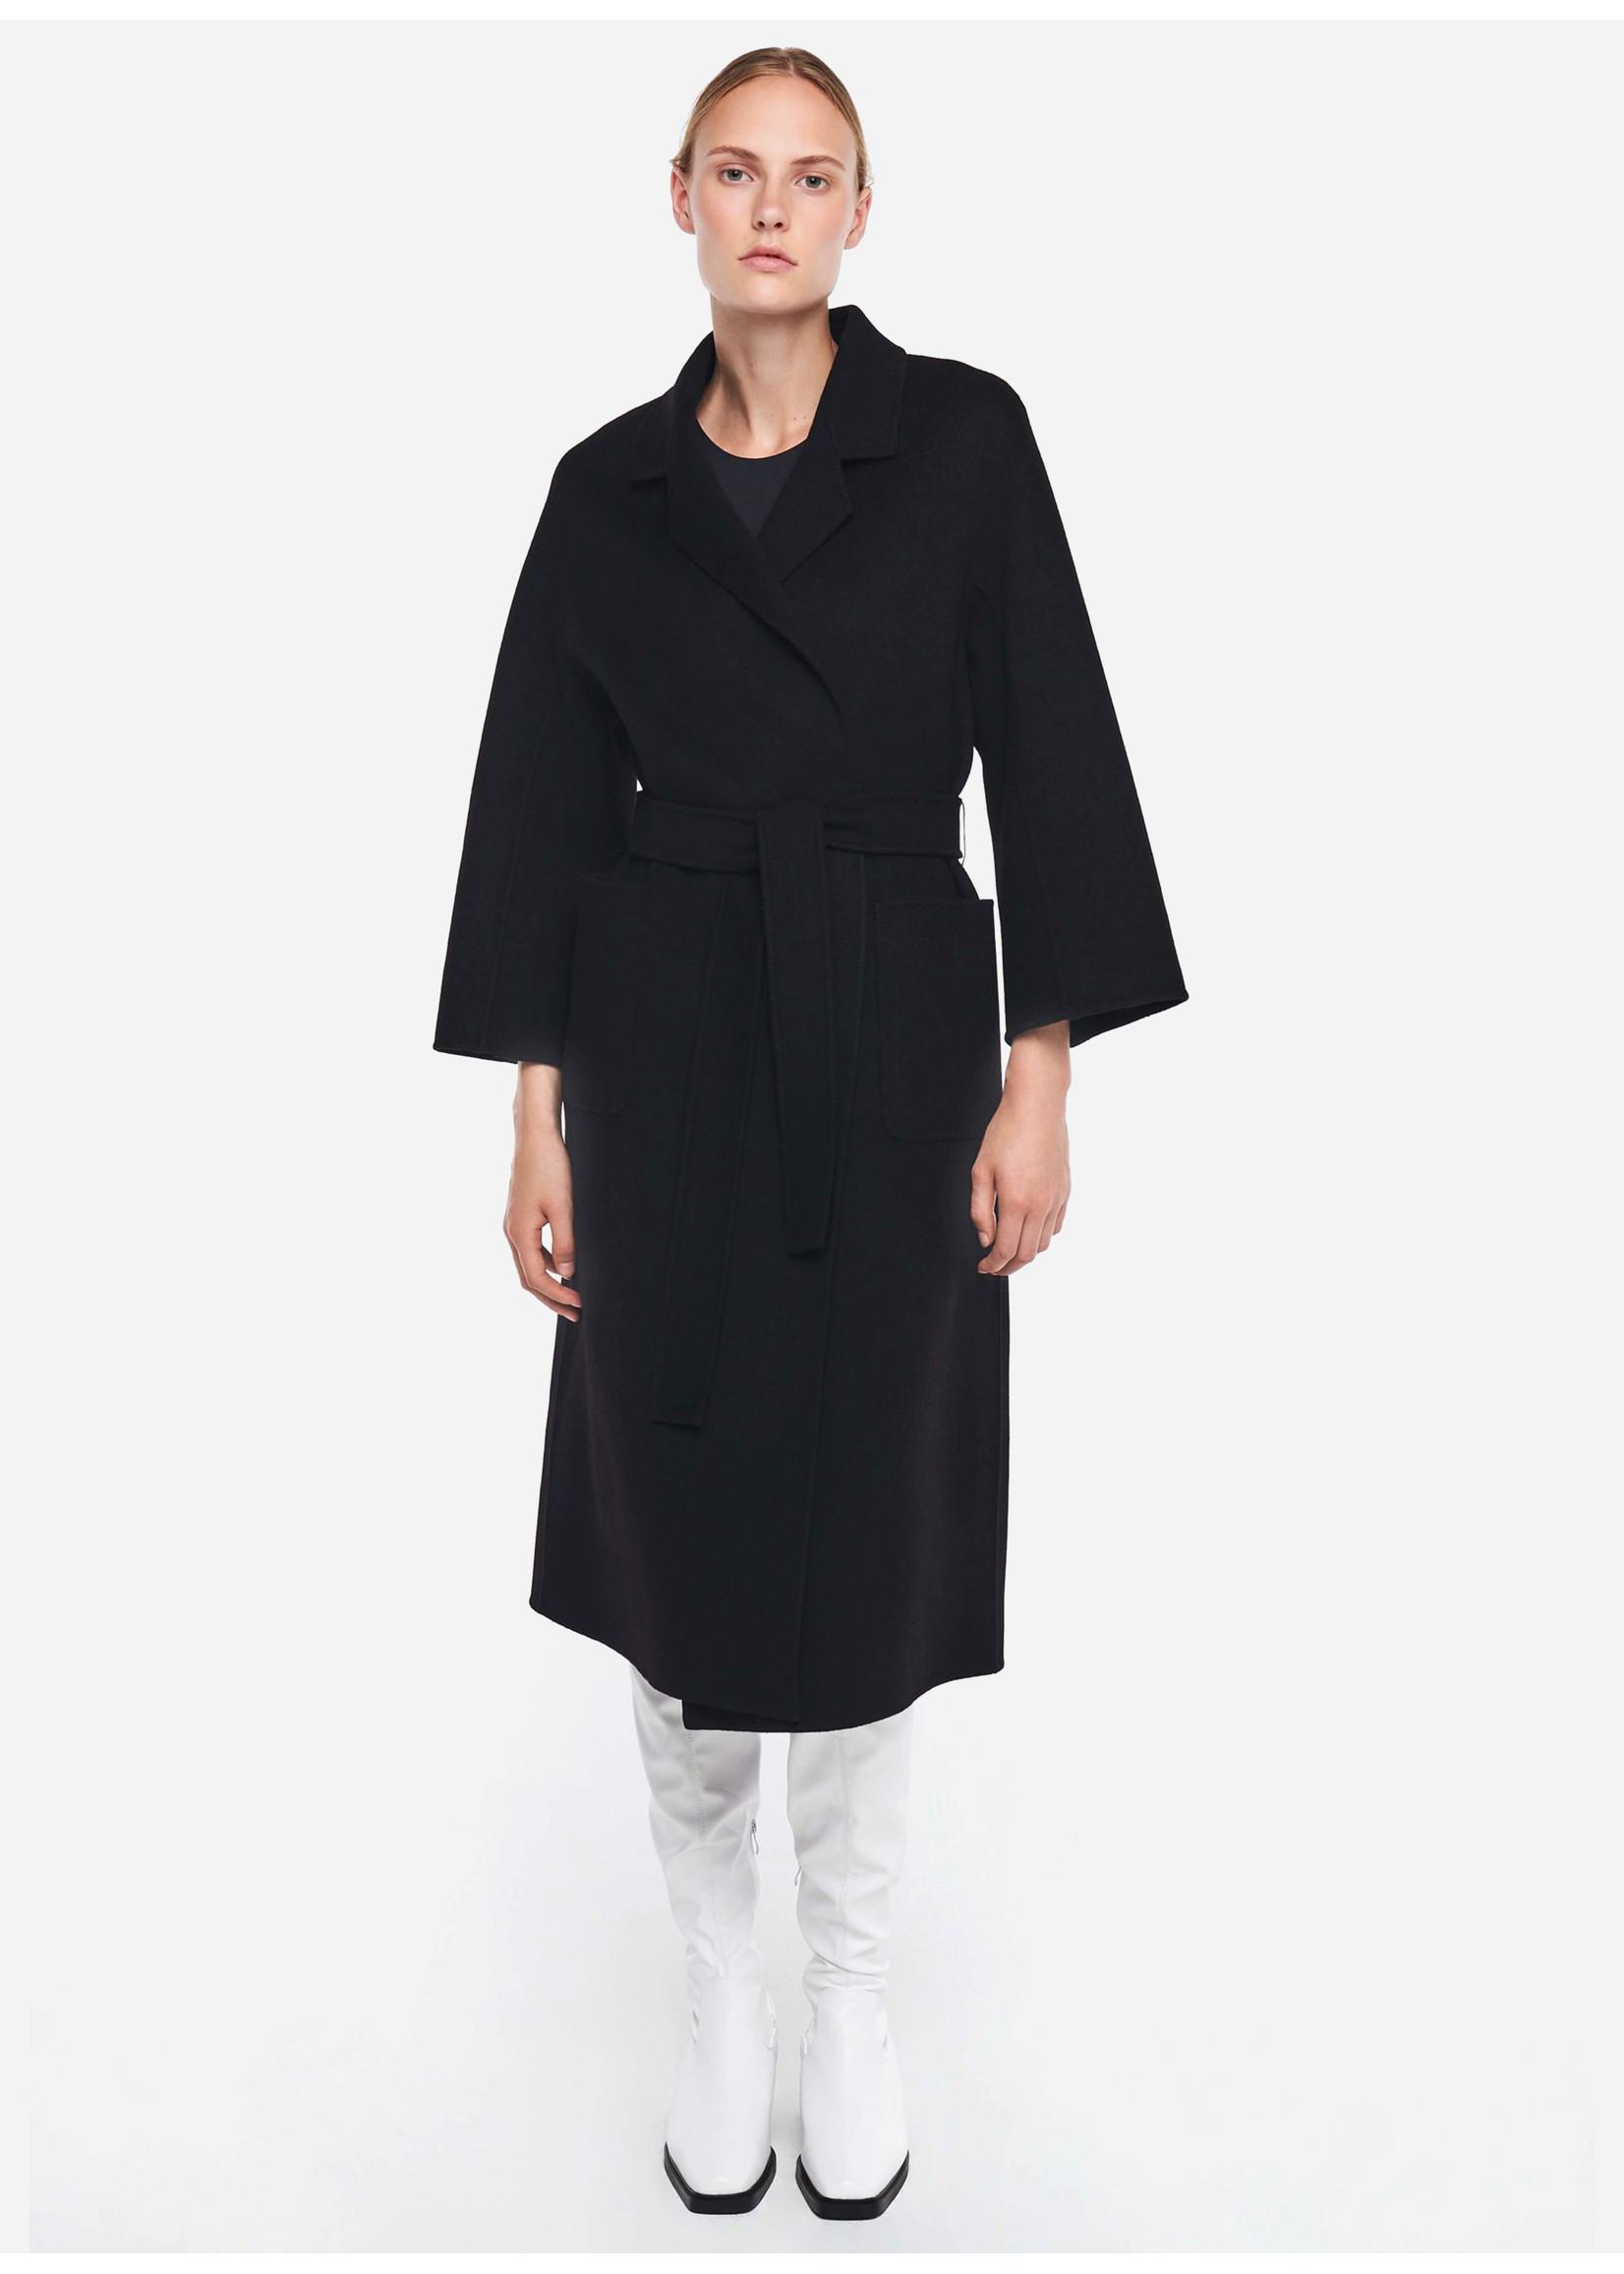 Arma Seguret jacket 100% wool Black